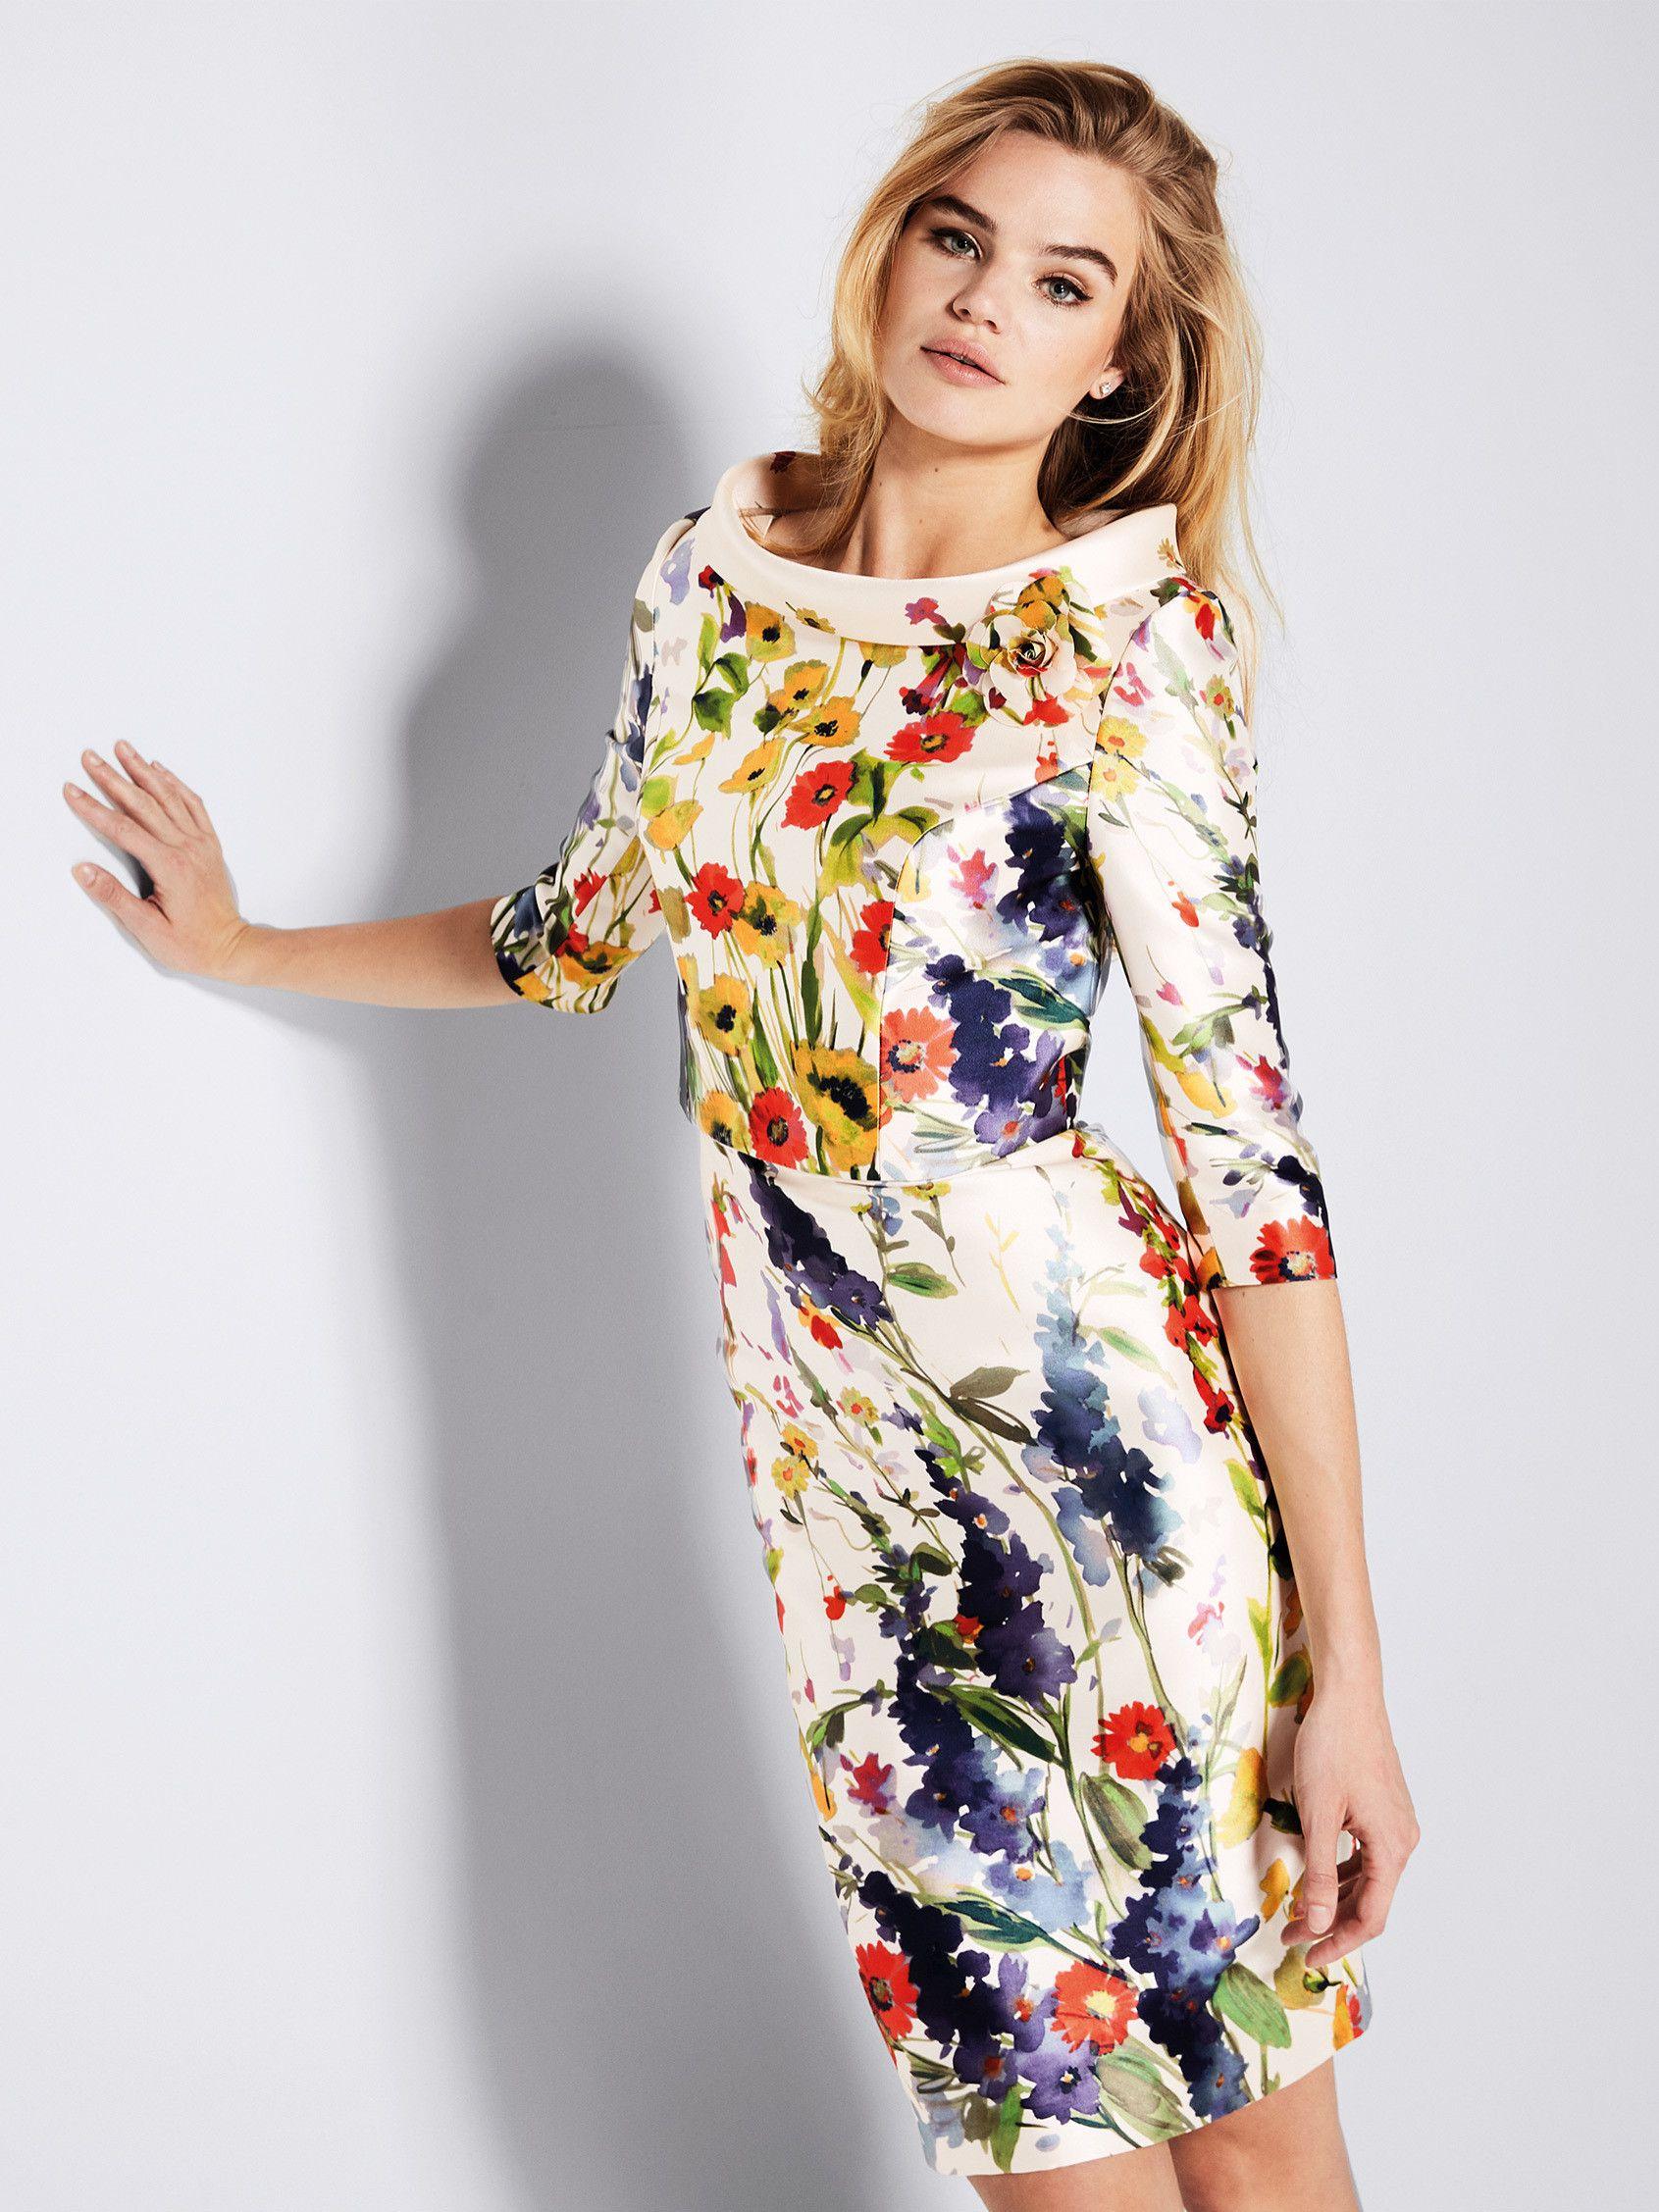 Gavina: Vestido de cóctel estampado floral con chaqueta | Pronovias 2018 |  Pronovias